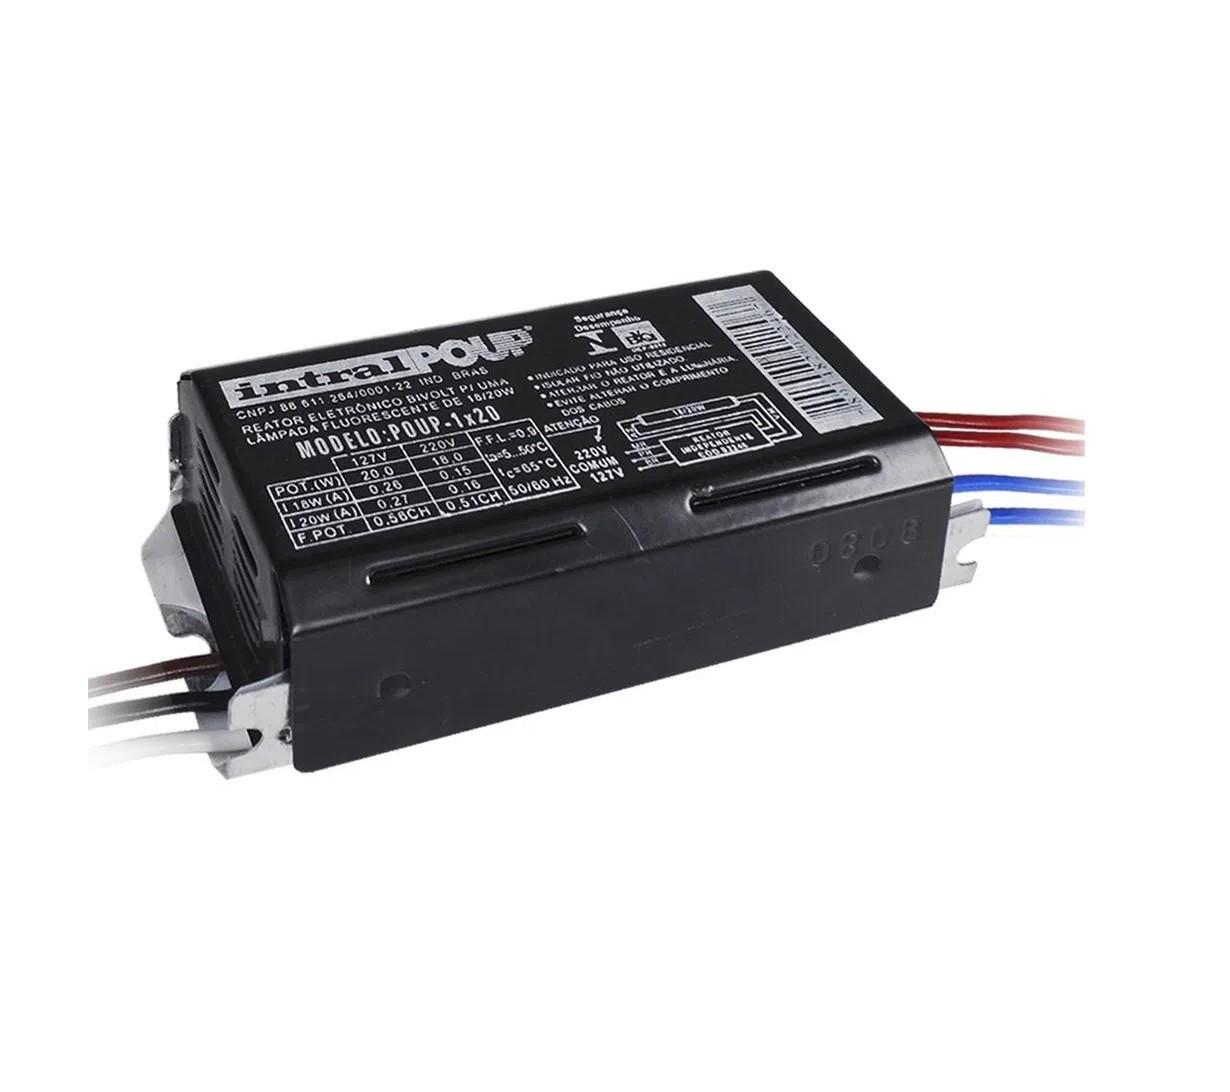 Reator Intral Eletronico 1 X 20W